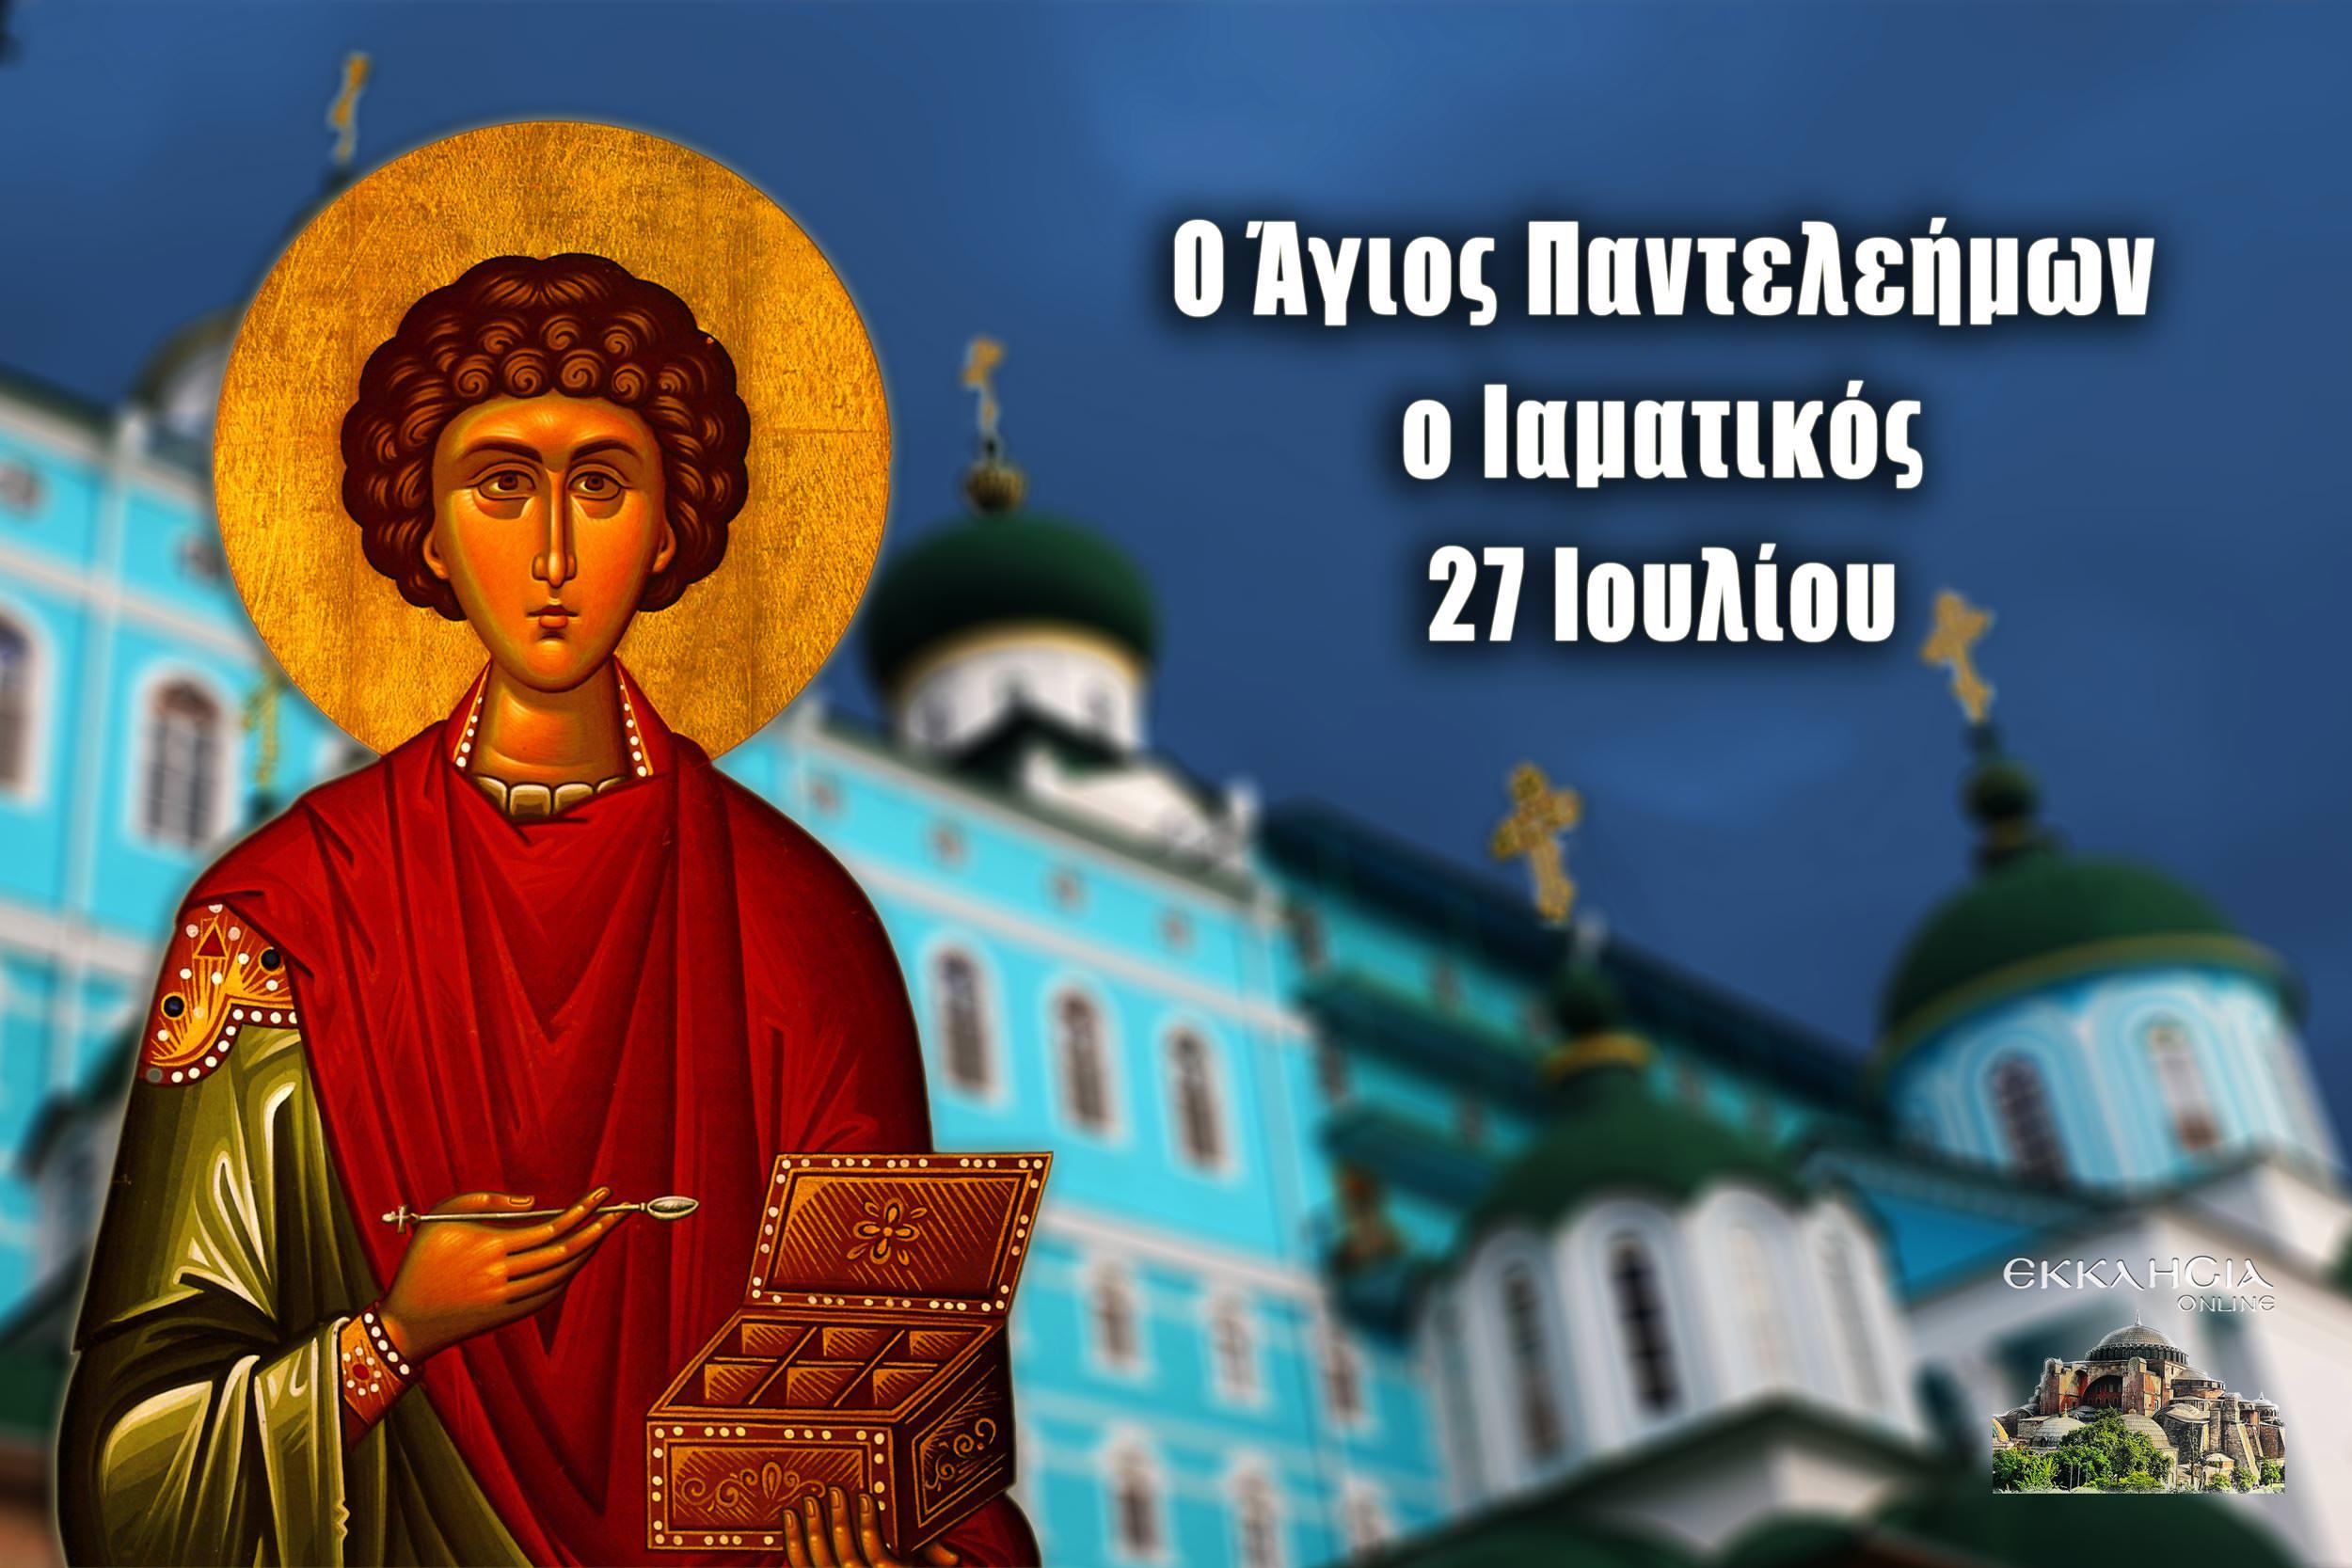 Άγιος Παντελεήμων ο Ιαματικός 27 Ιουλίου